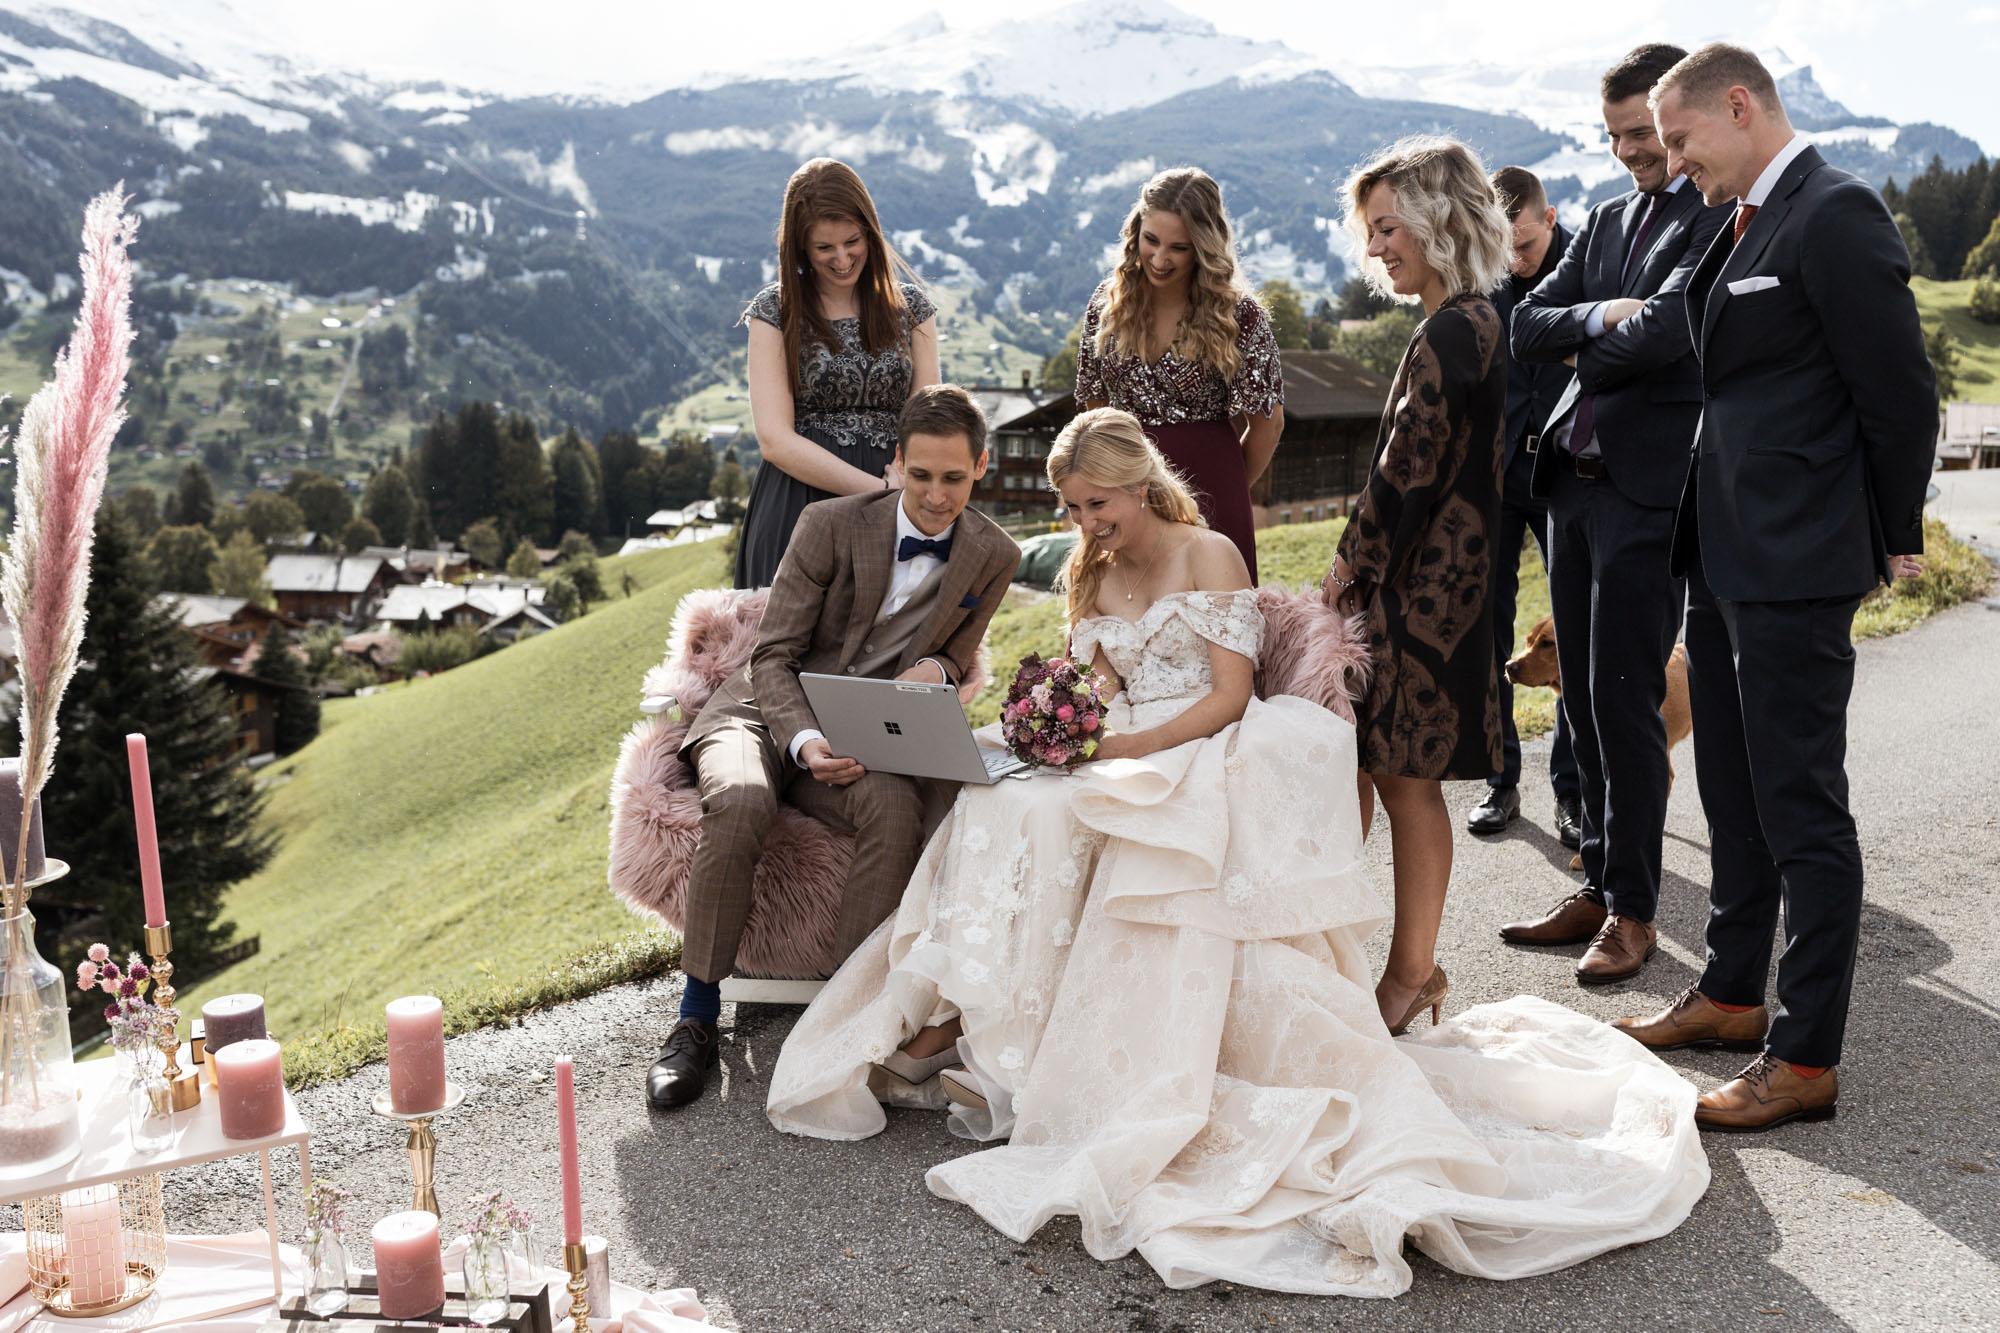 Das Brautpaar schaut sich die Glückwünsche der Familie am Laptop an - Hochzeit Grindelwald - Destination Wedding - Hochzeit in den Bergen - Freie Trauung - Hochzeitsfotograf